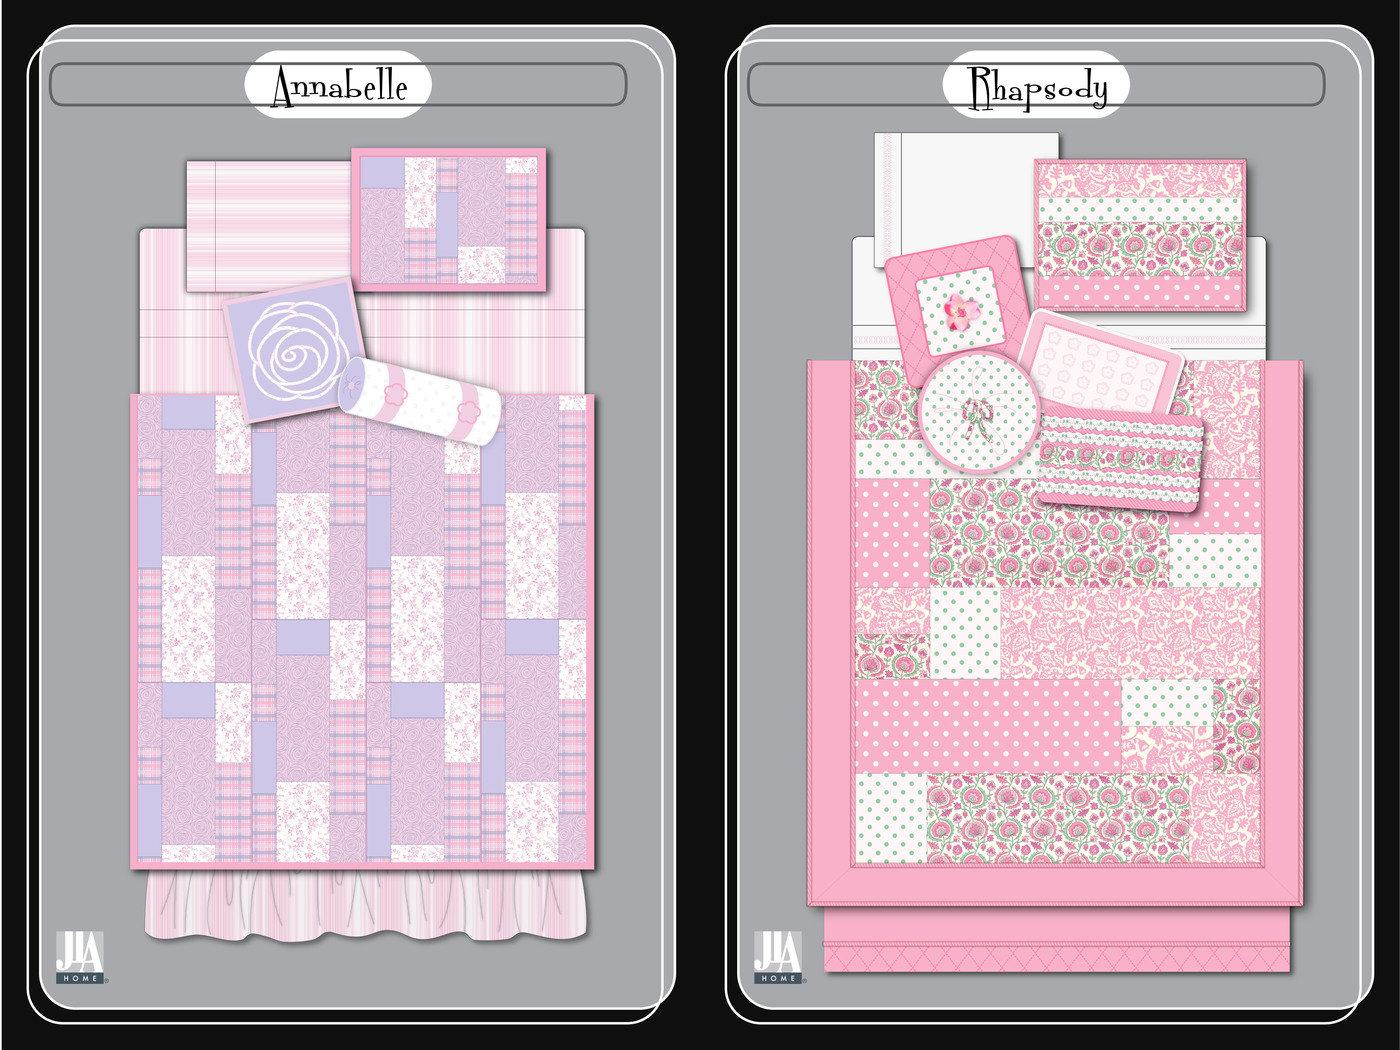 Bed Design Kids By Stefanie Kokot At Coroflot Com